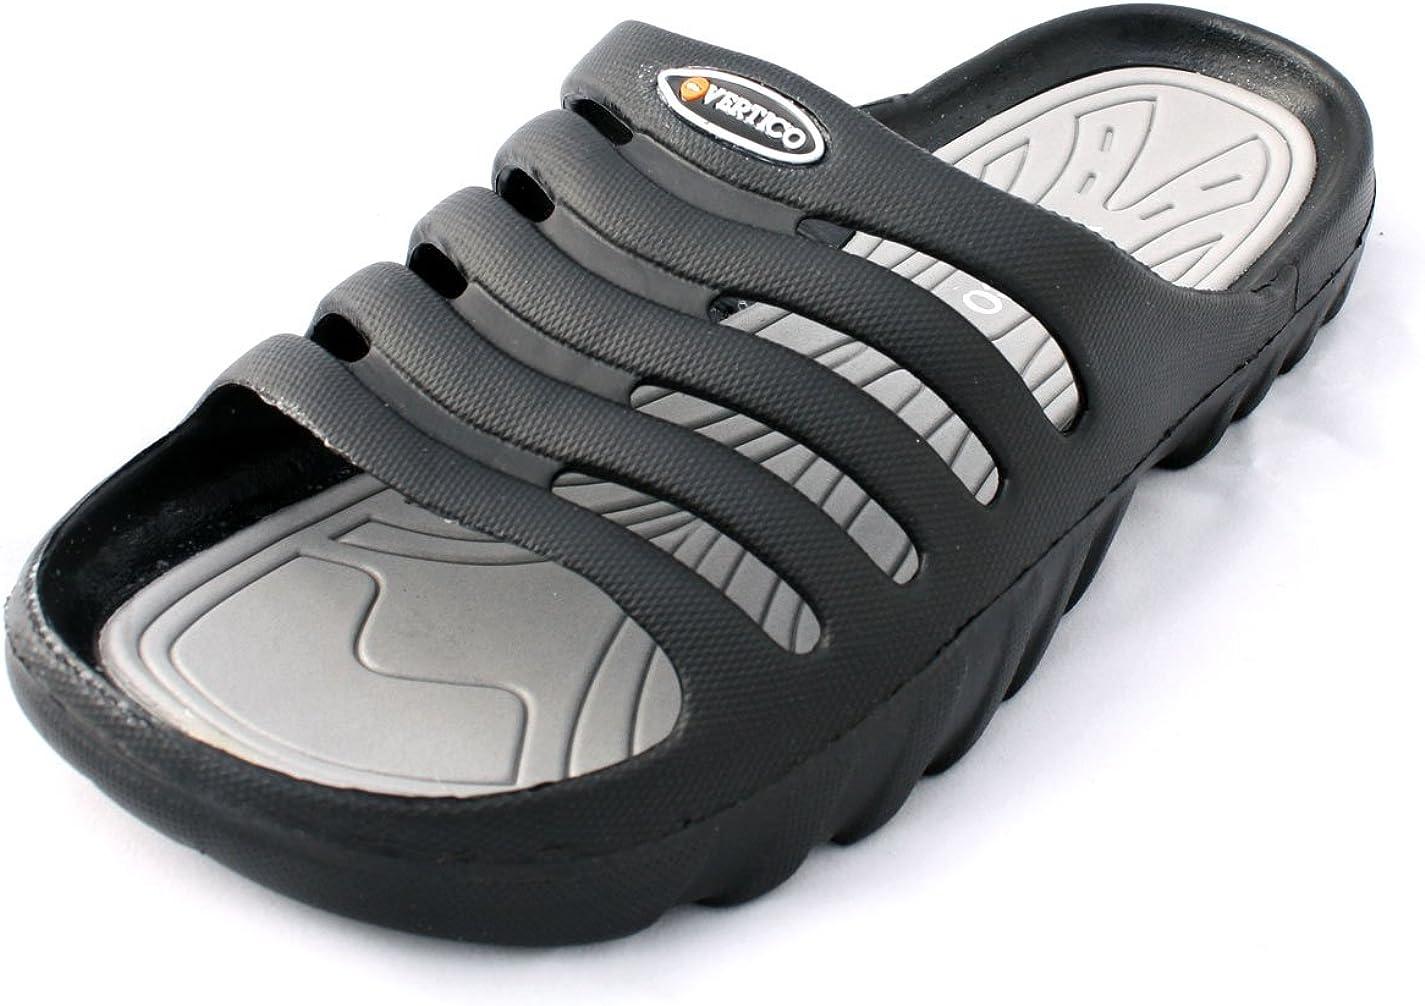 | Vertico - Shower Sandals | Slide-On and Comfortable Pool-Side Shoes | Sport Sandals & Slides